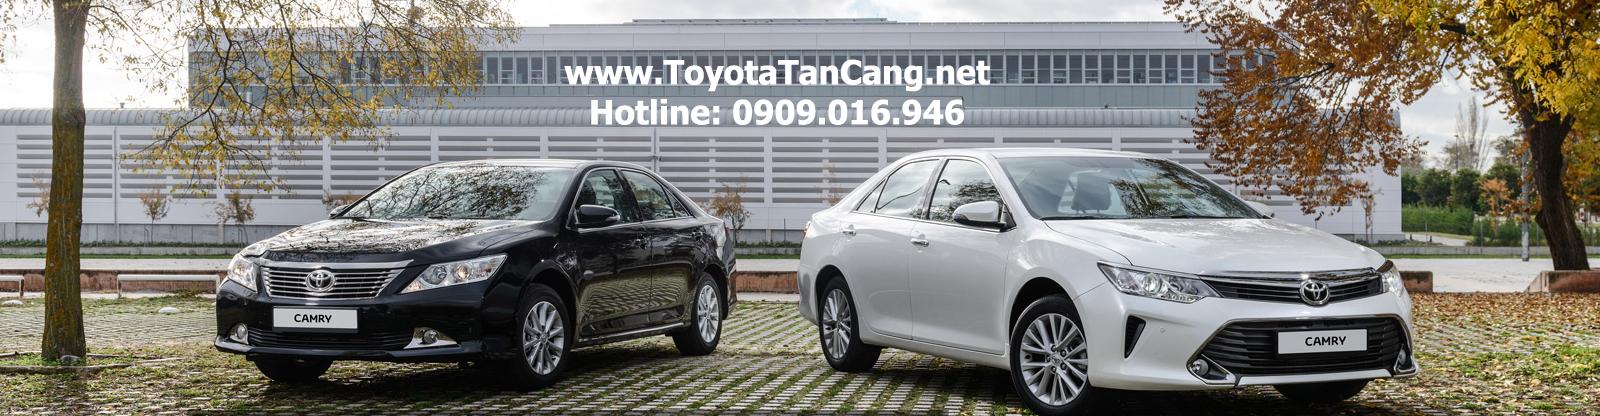 Toyota Camry 2015 phiên bản mới (phải) so với Camry hiện tại (trái)